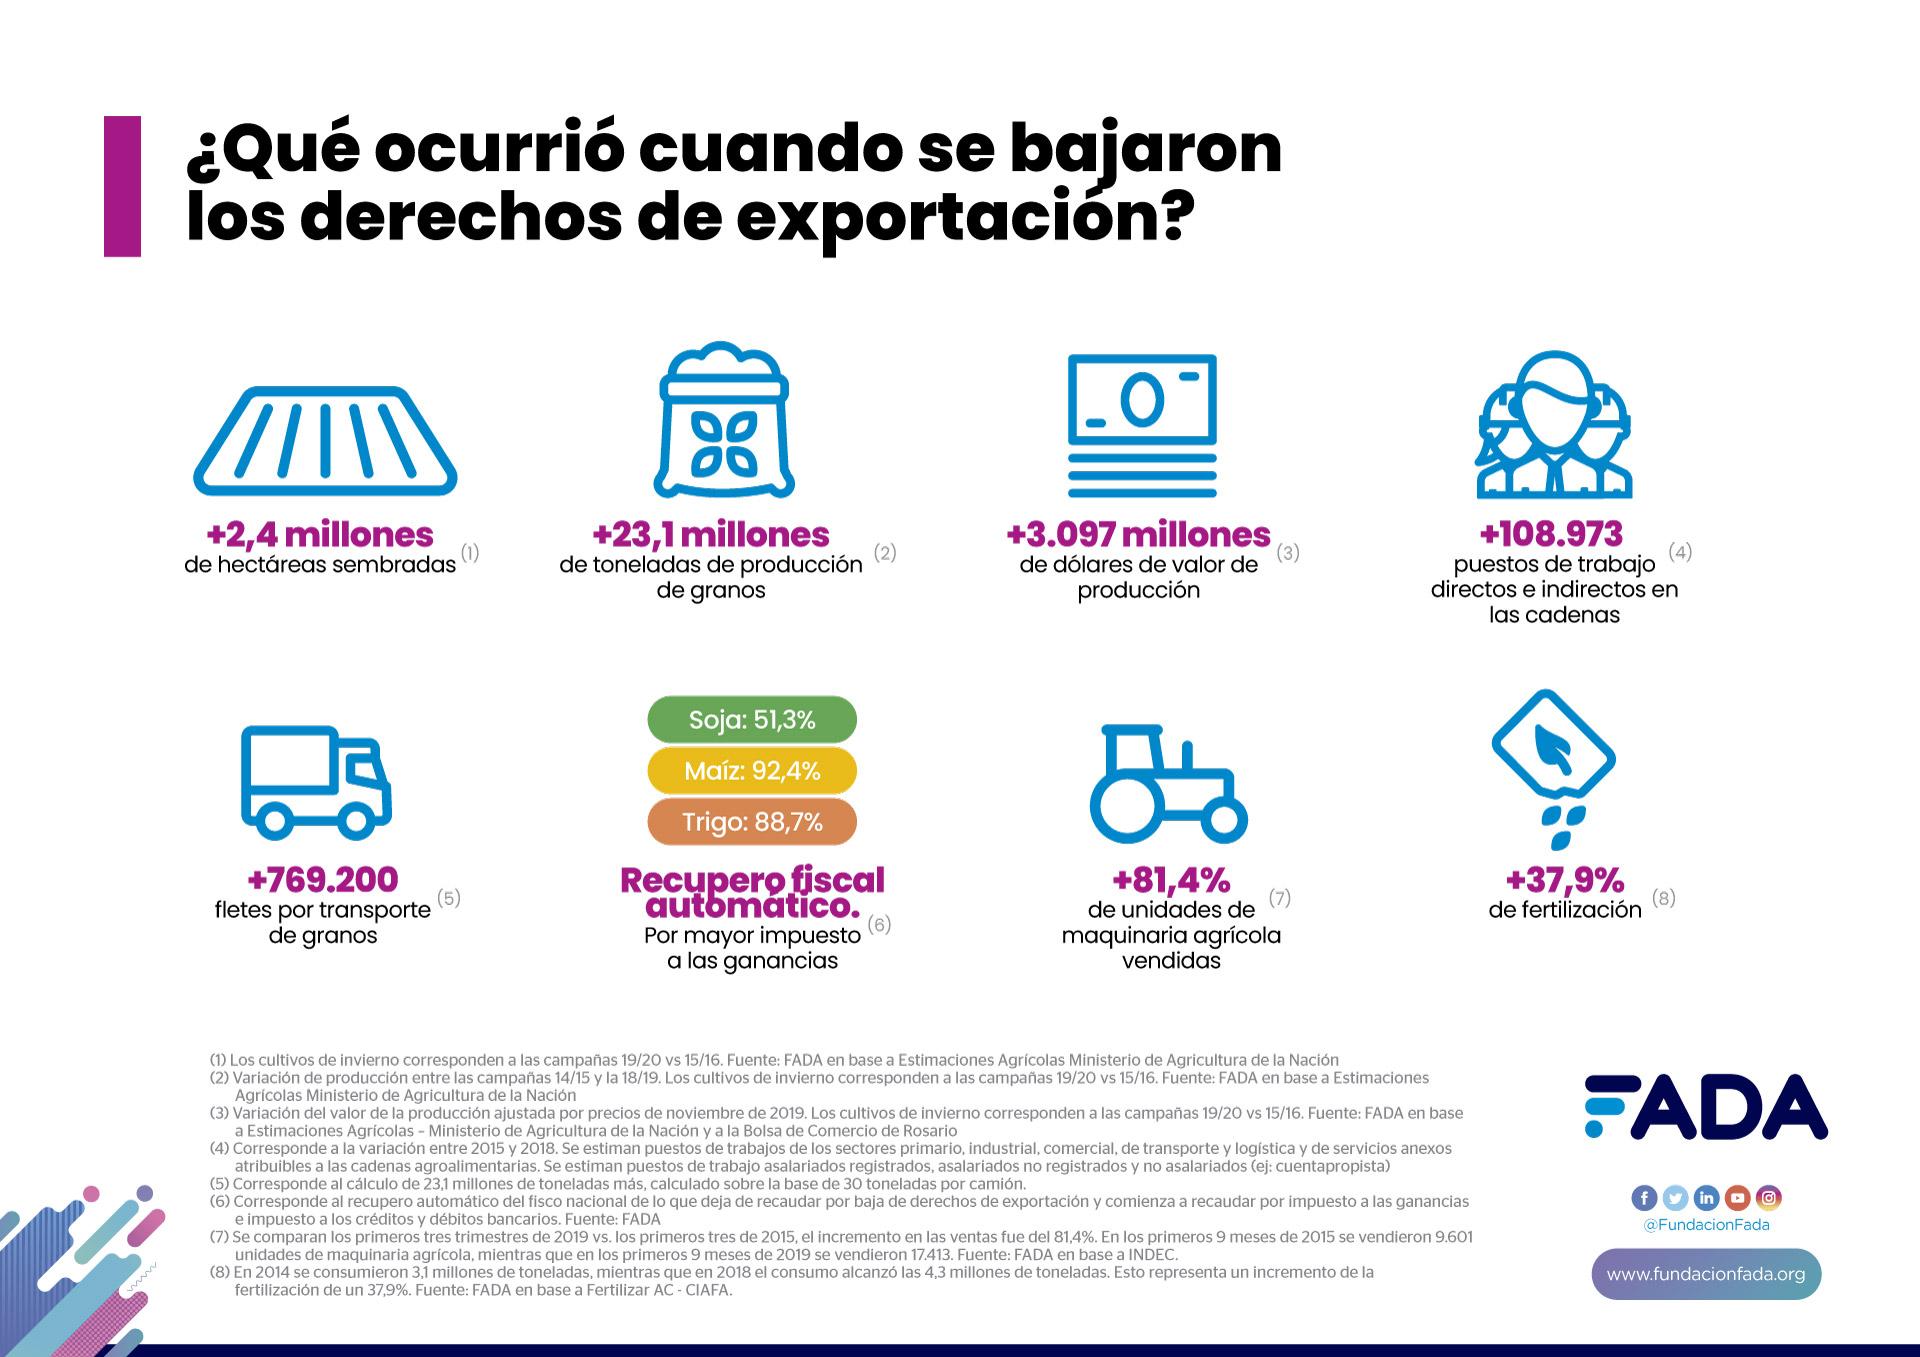 ¿Qué pasó cuándo se bajaron los derechos de exportación?